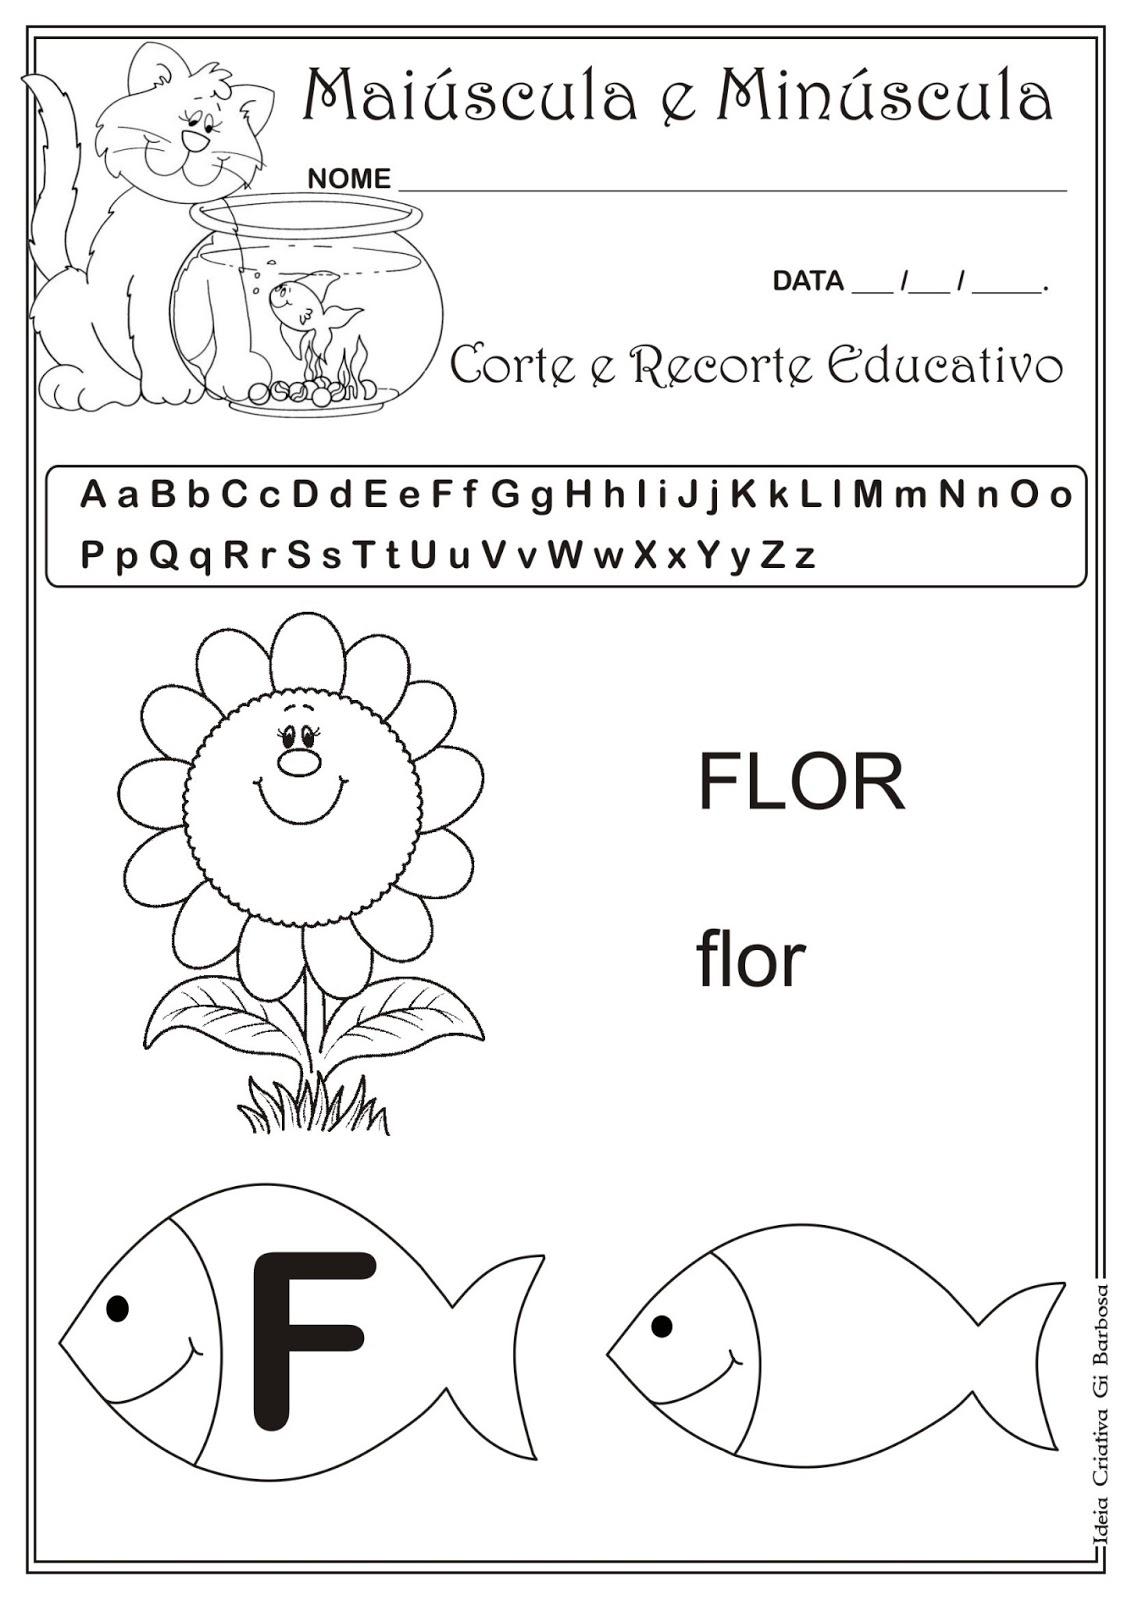 Top Caderno de Atividades Grátis para imprimir - Corte e Recorte  RG62